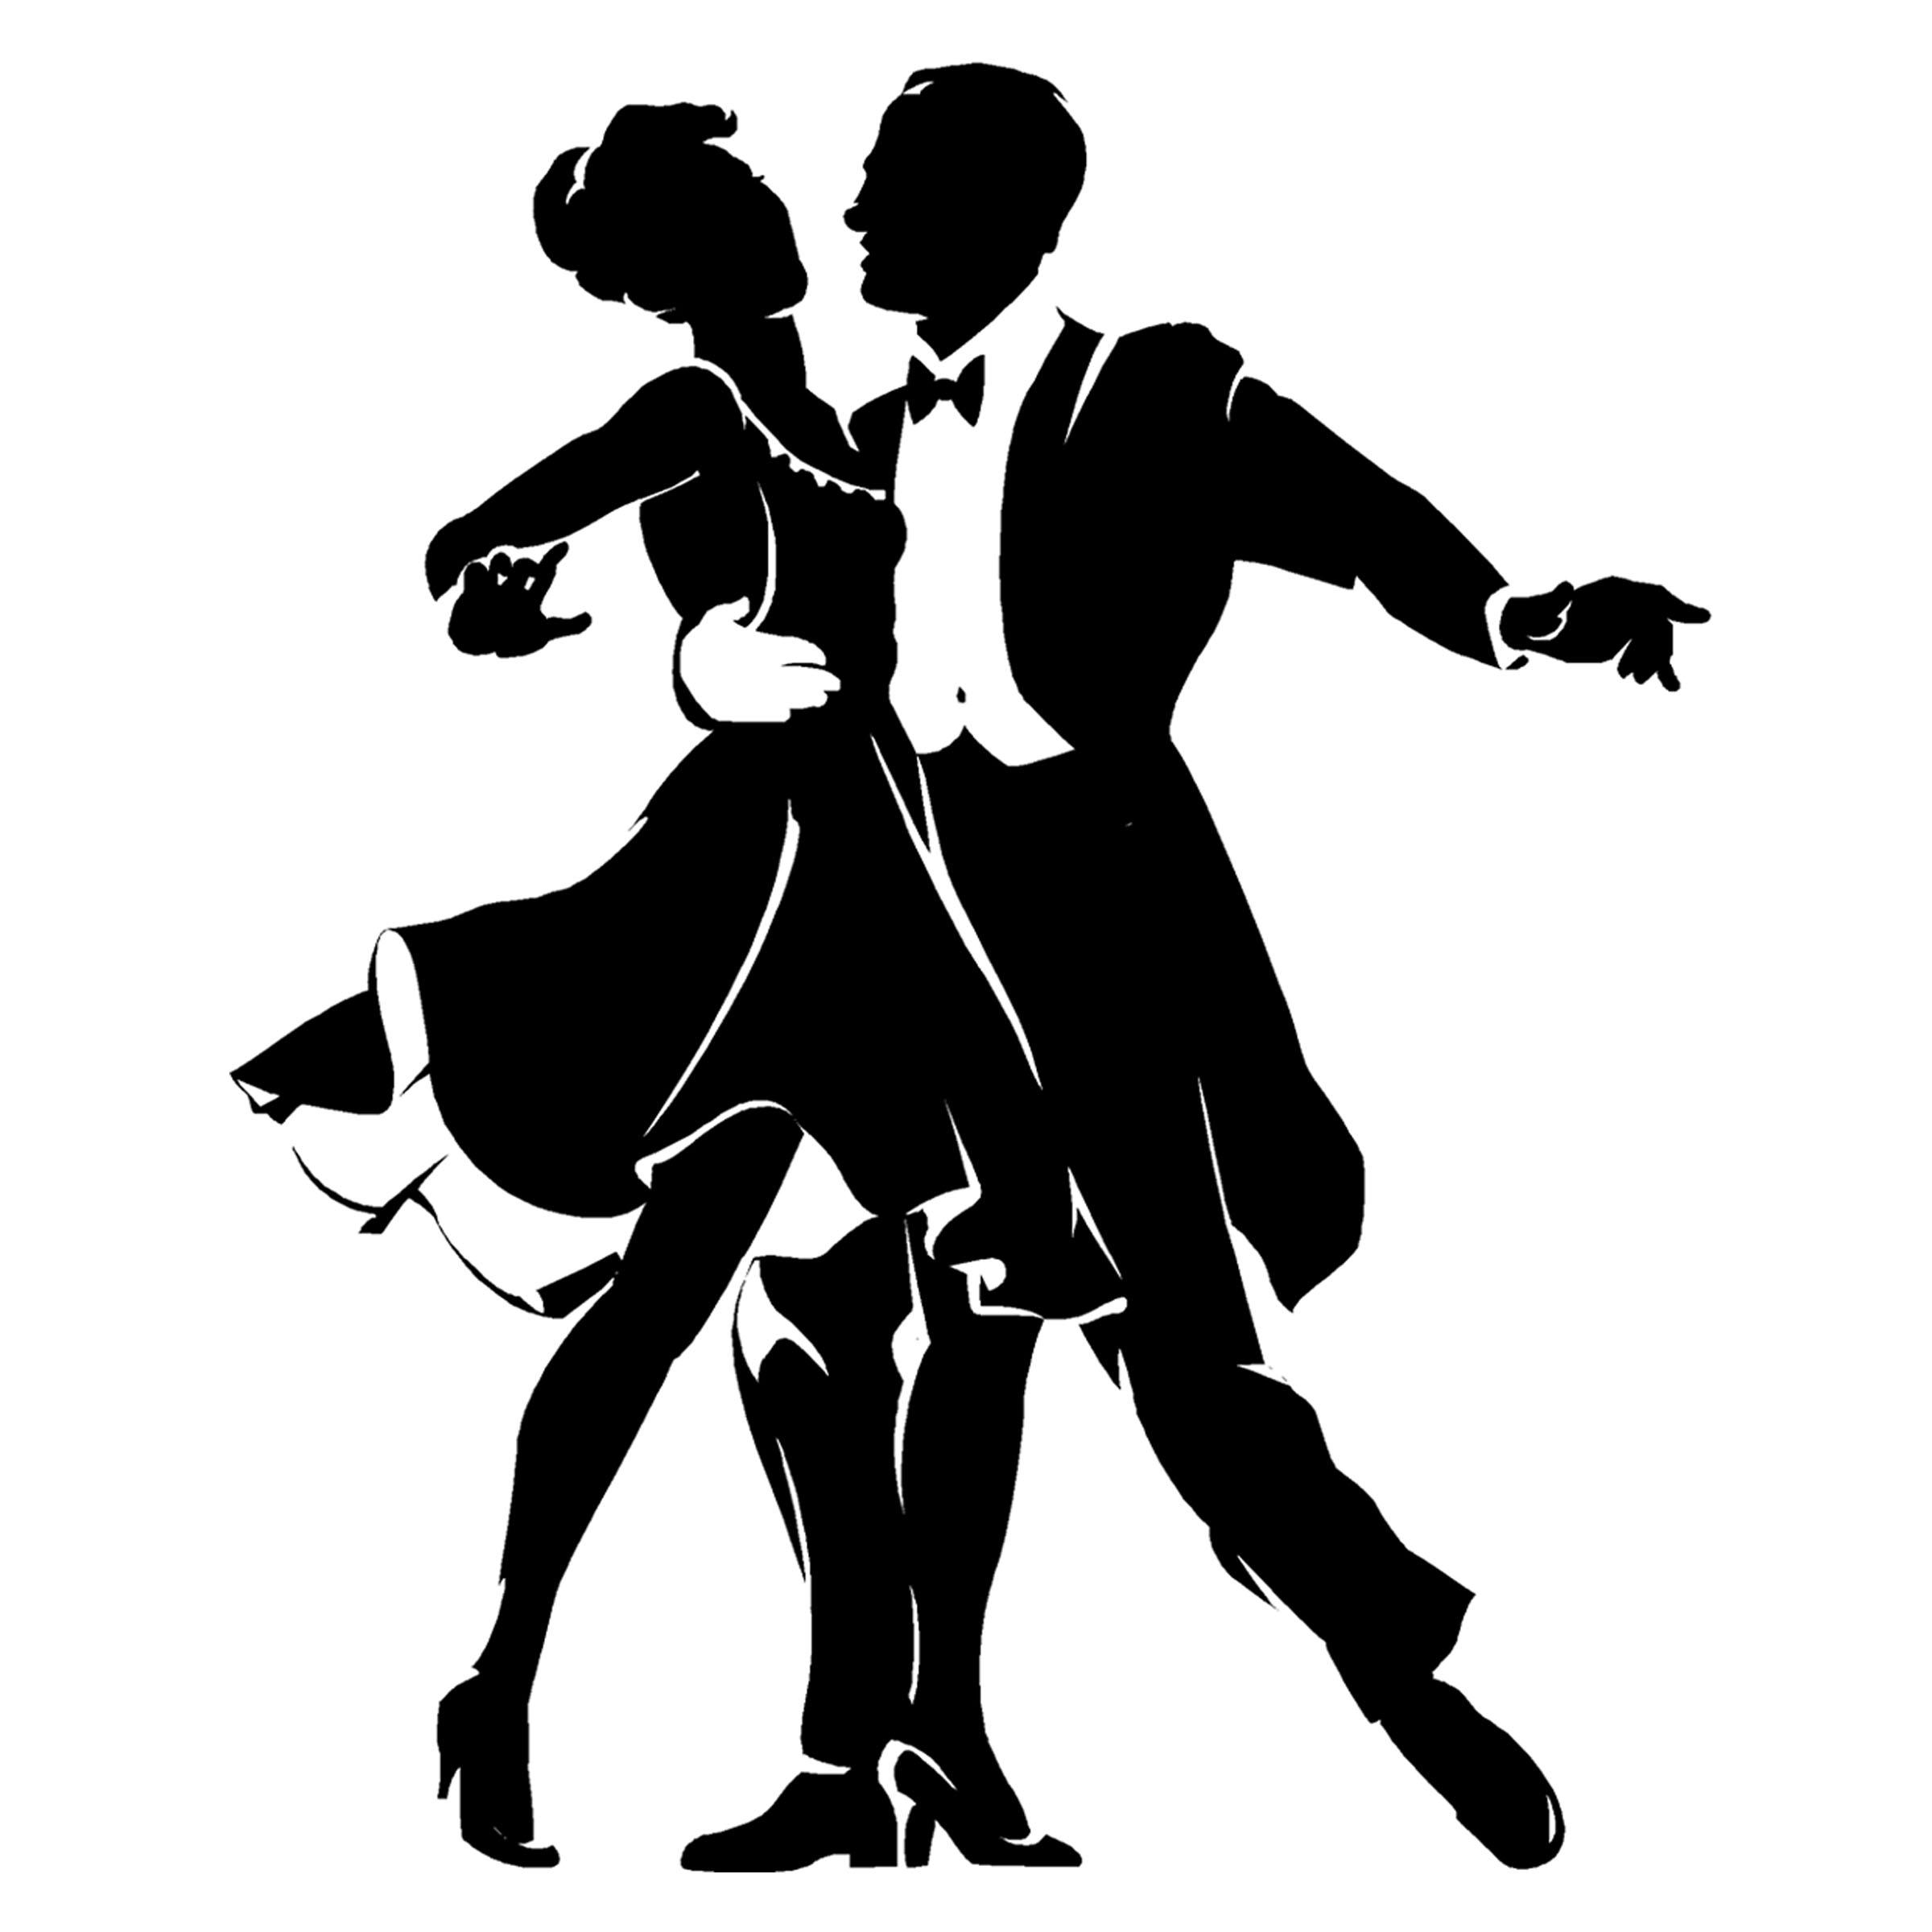 Danse clipart social dance Bootcamp Salsa Ballroom1 Beginner